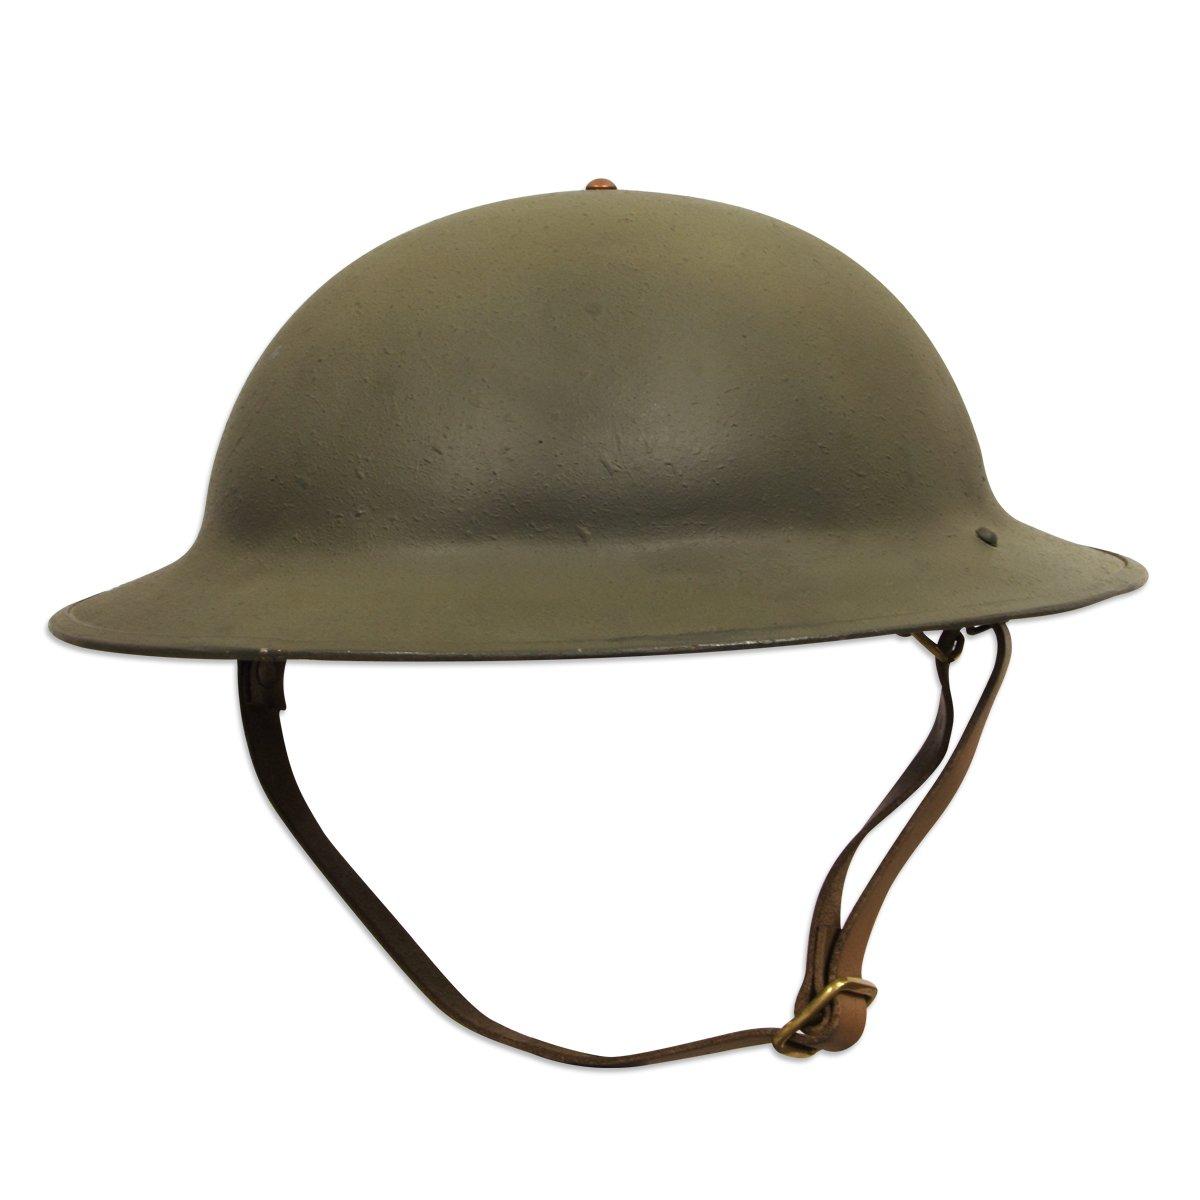 Amazon com: Atlanta Cutlery WWI Doughboy Replica Helmet: Garden